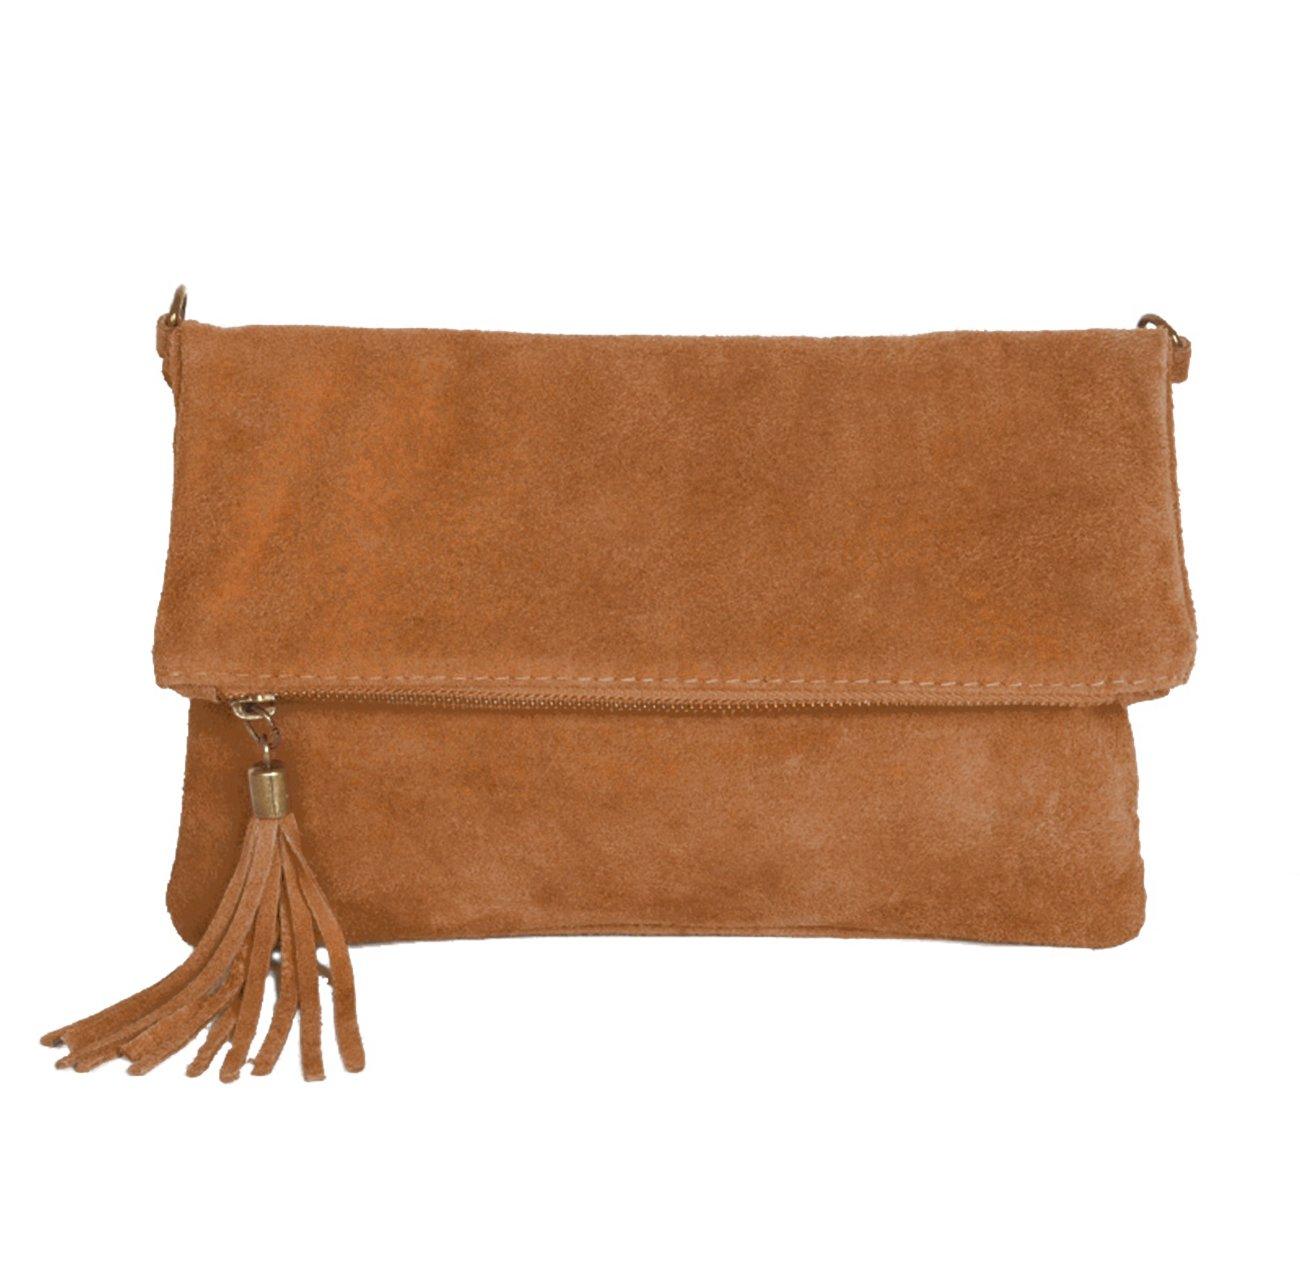 Leder Clutch kleine Ledertasche Wildleder Umhängetasche Abendtasche klein Partytasche Handtasche Lederhandtasche (Bordeaux Rot) 24-010916